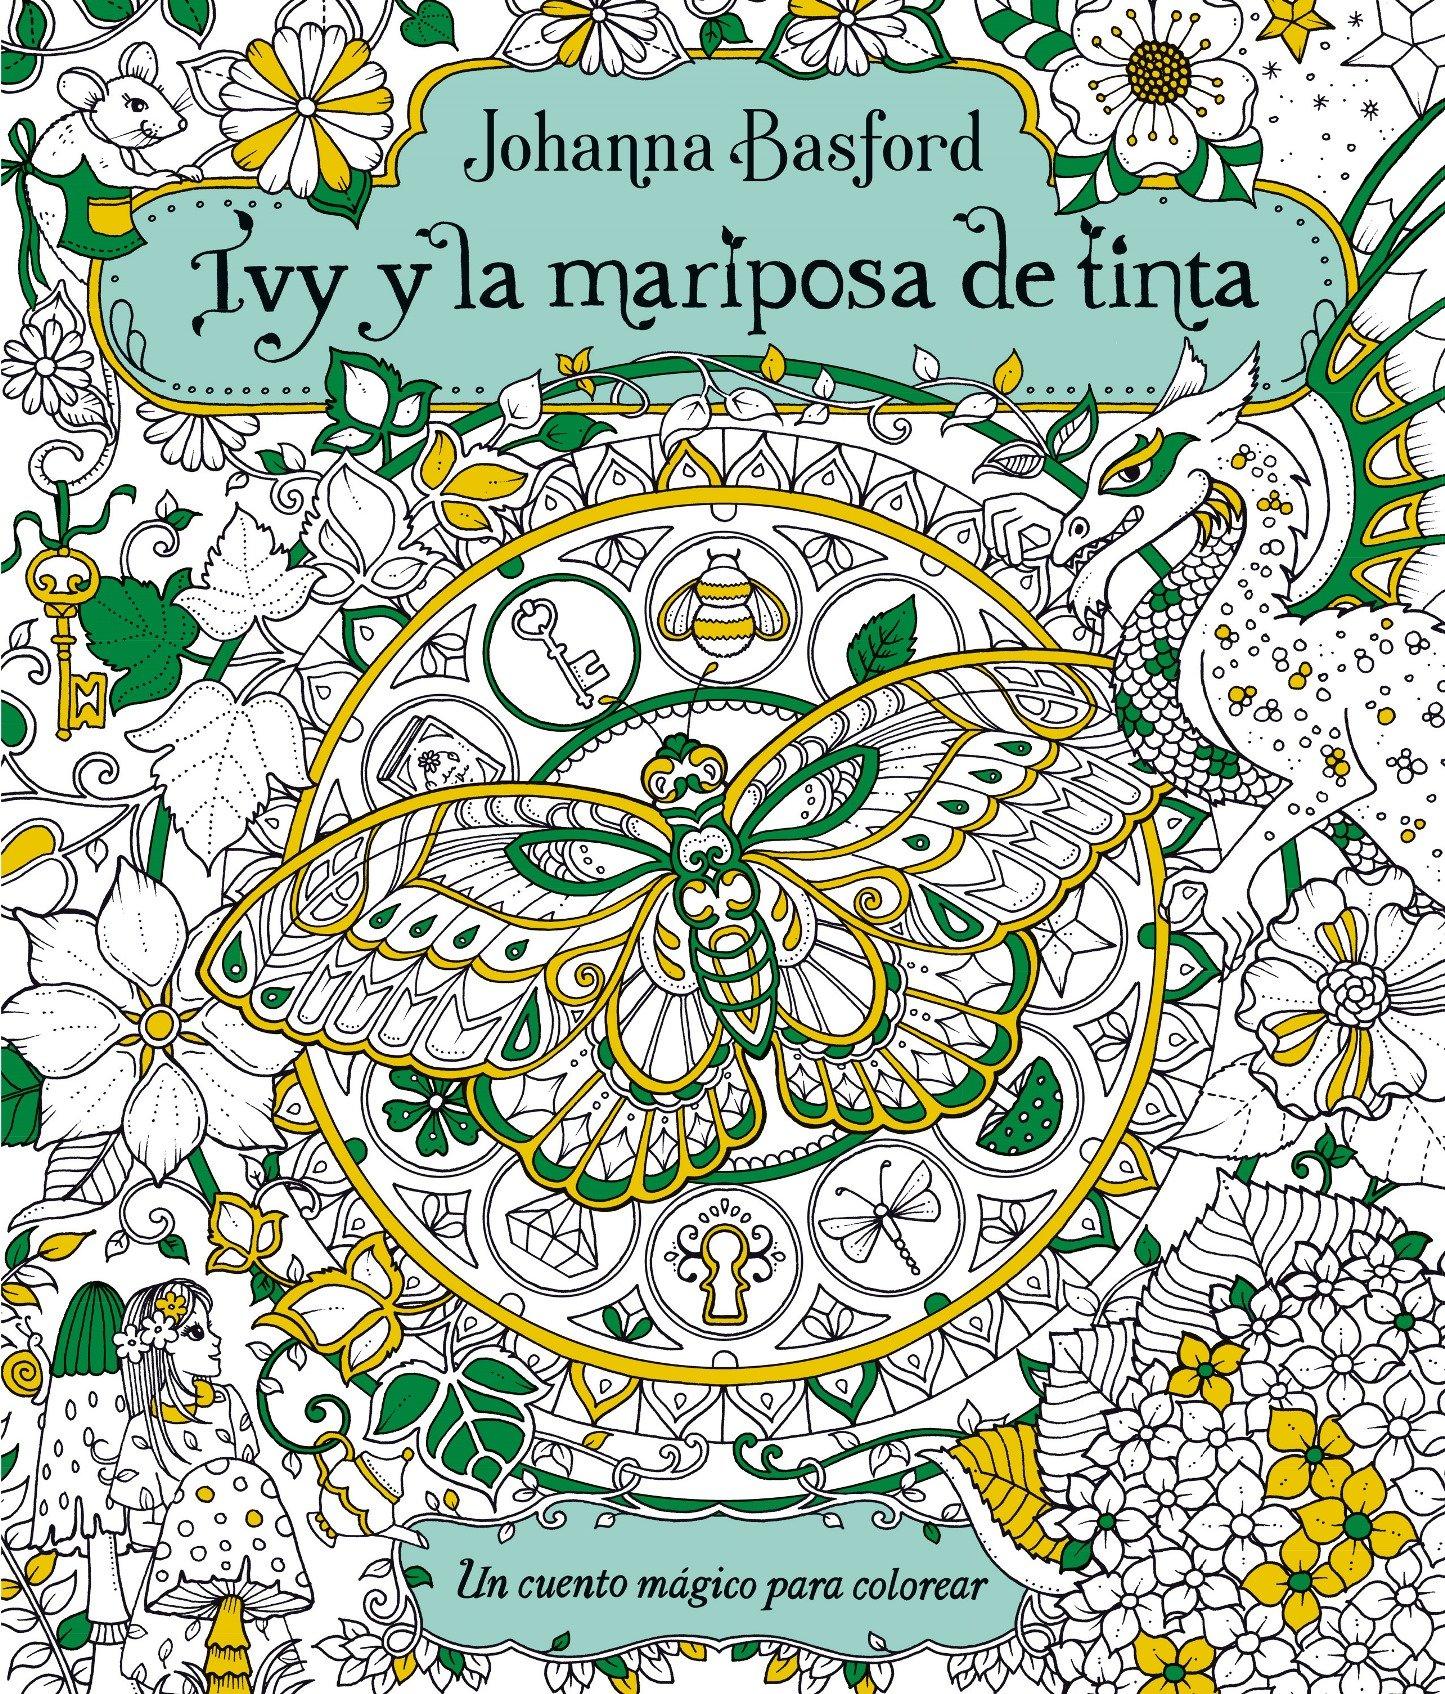 Resultado de imagen para ivy y la mariposa de tinta